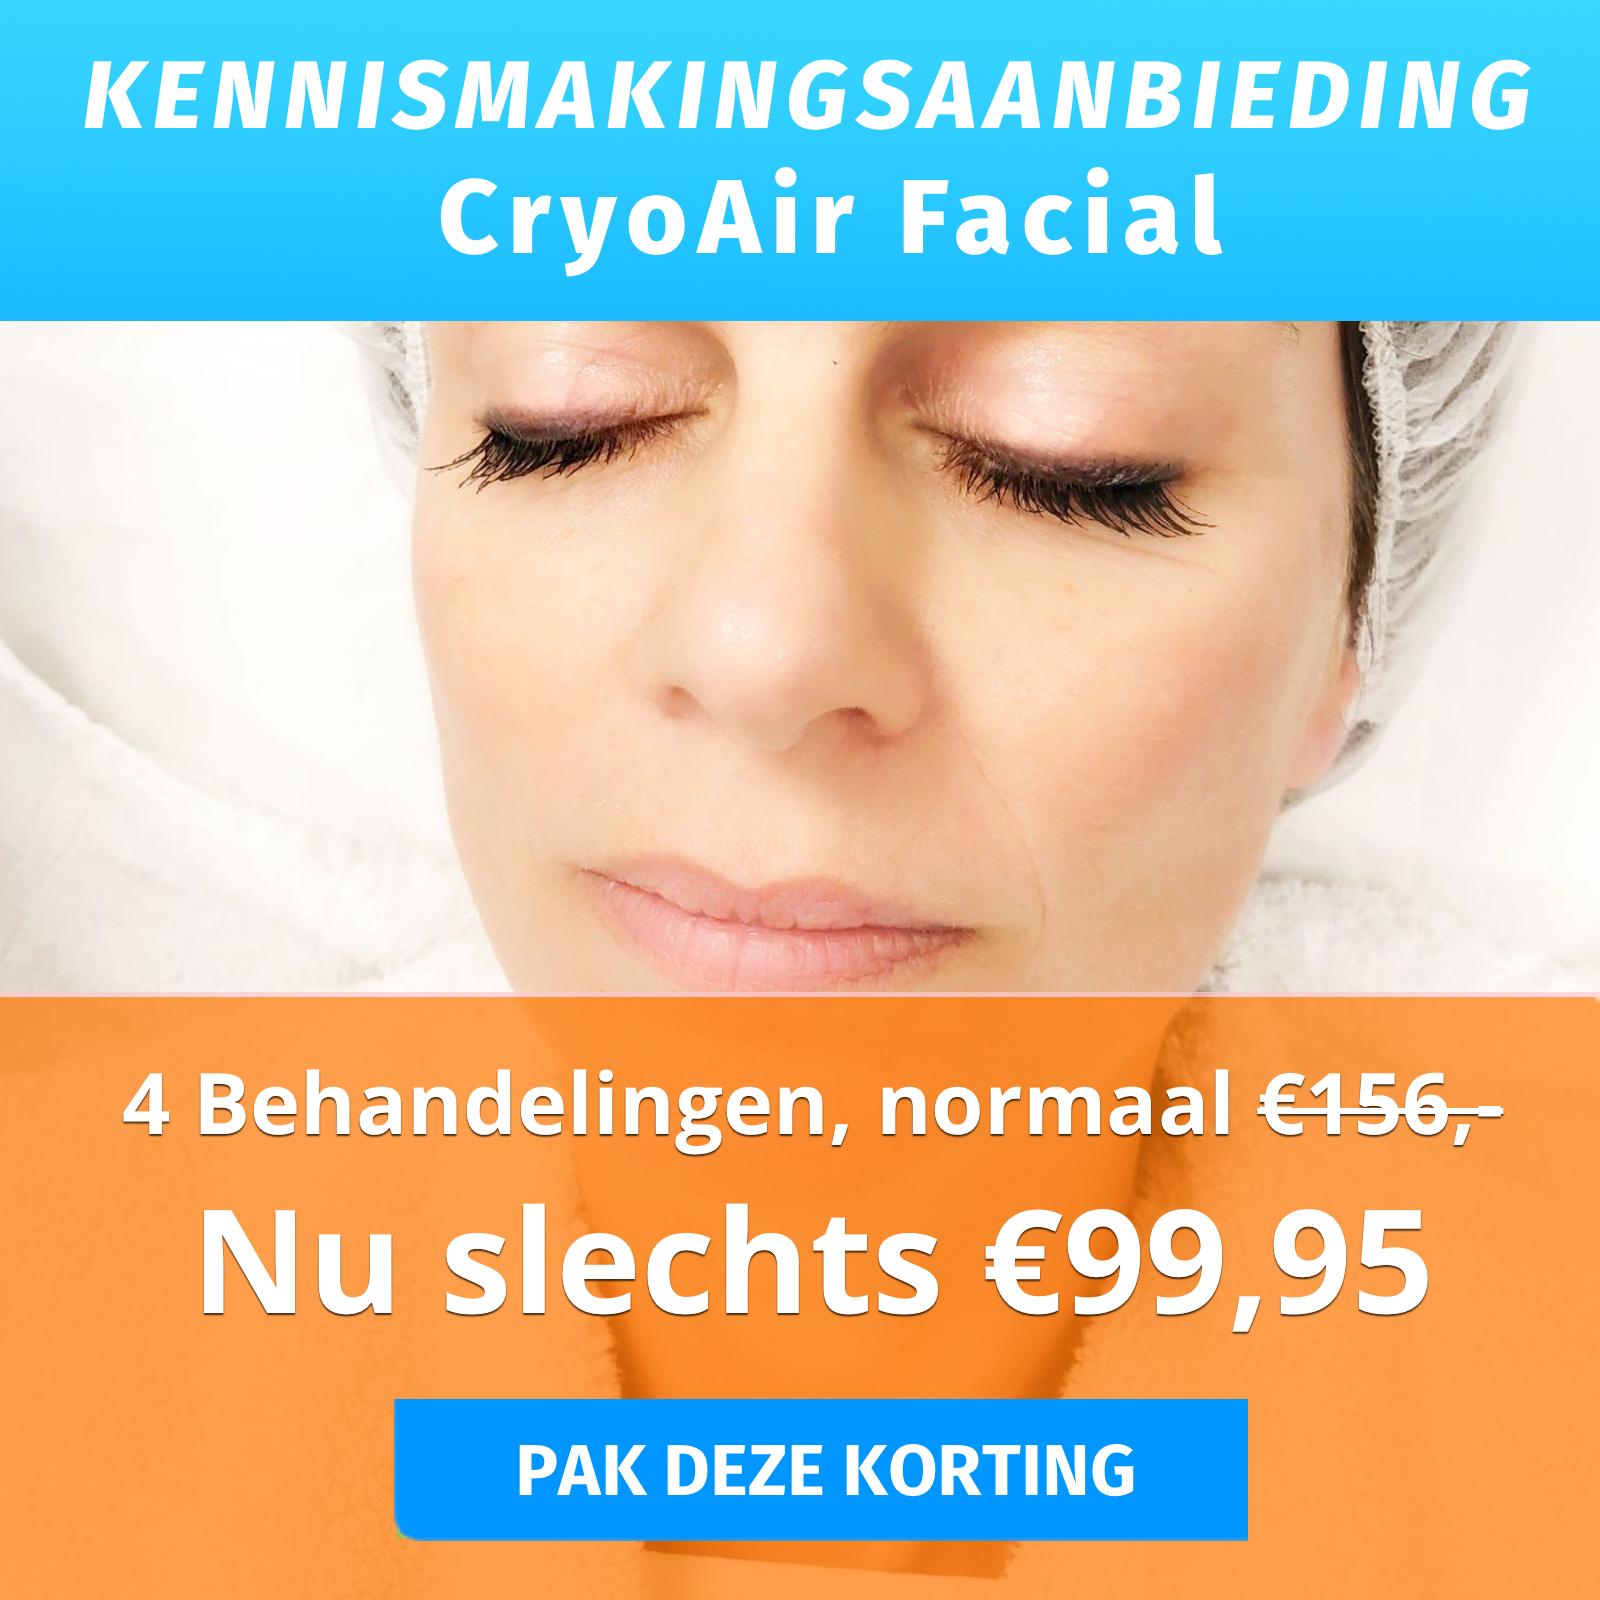 Dr.Freeze aanbieding 4 x CryoAir Face gezichtsbehandeling